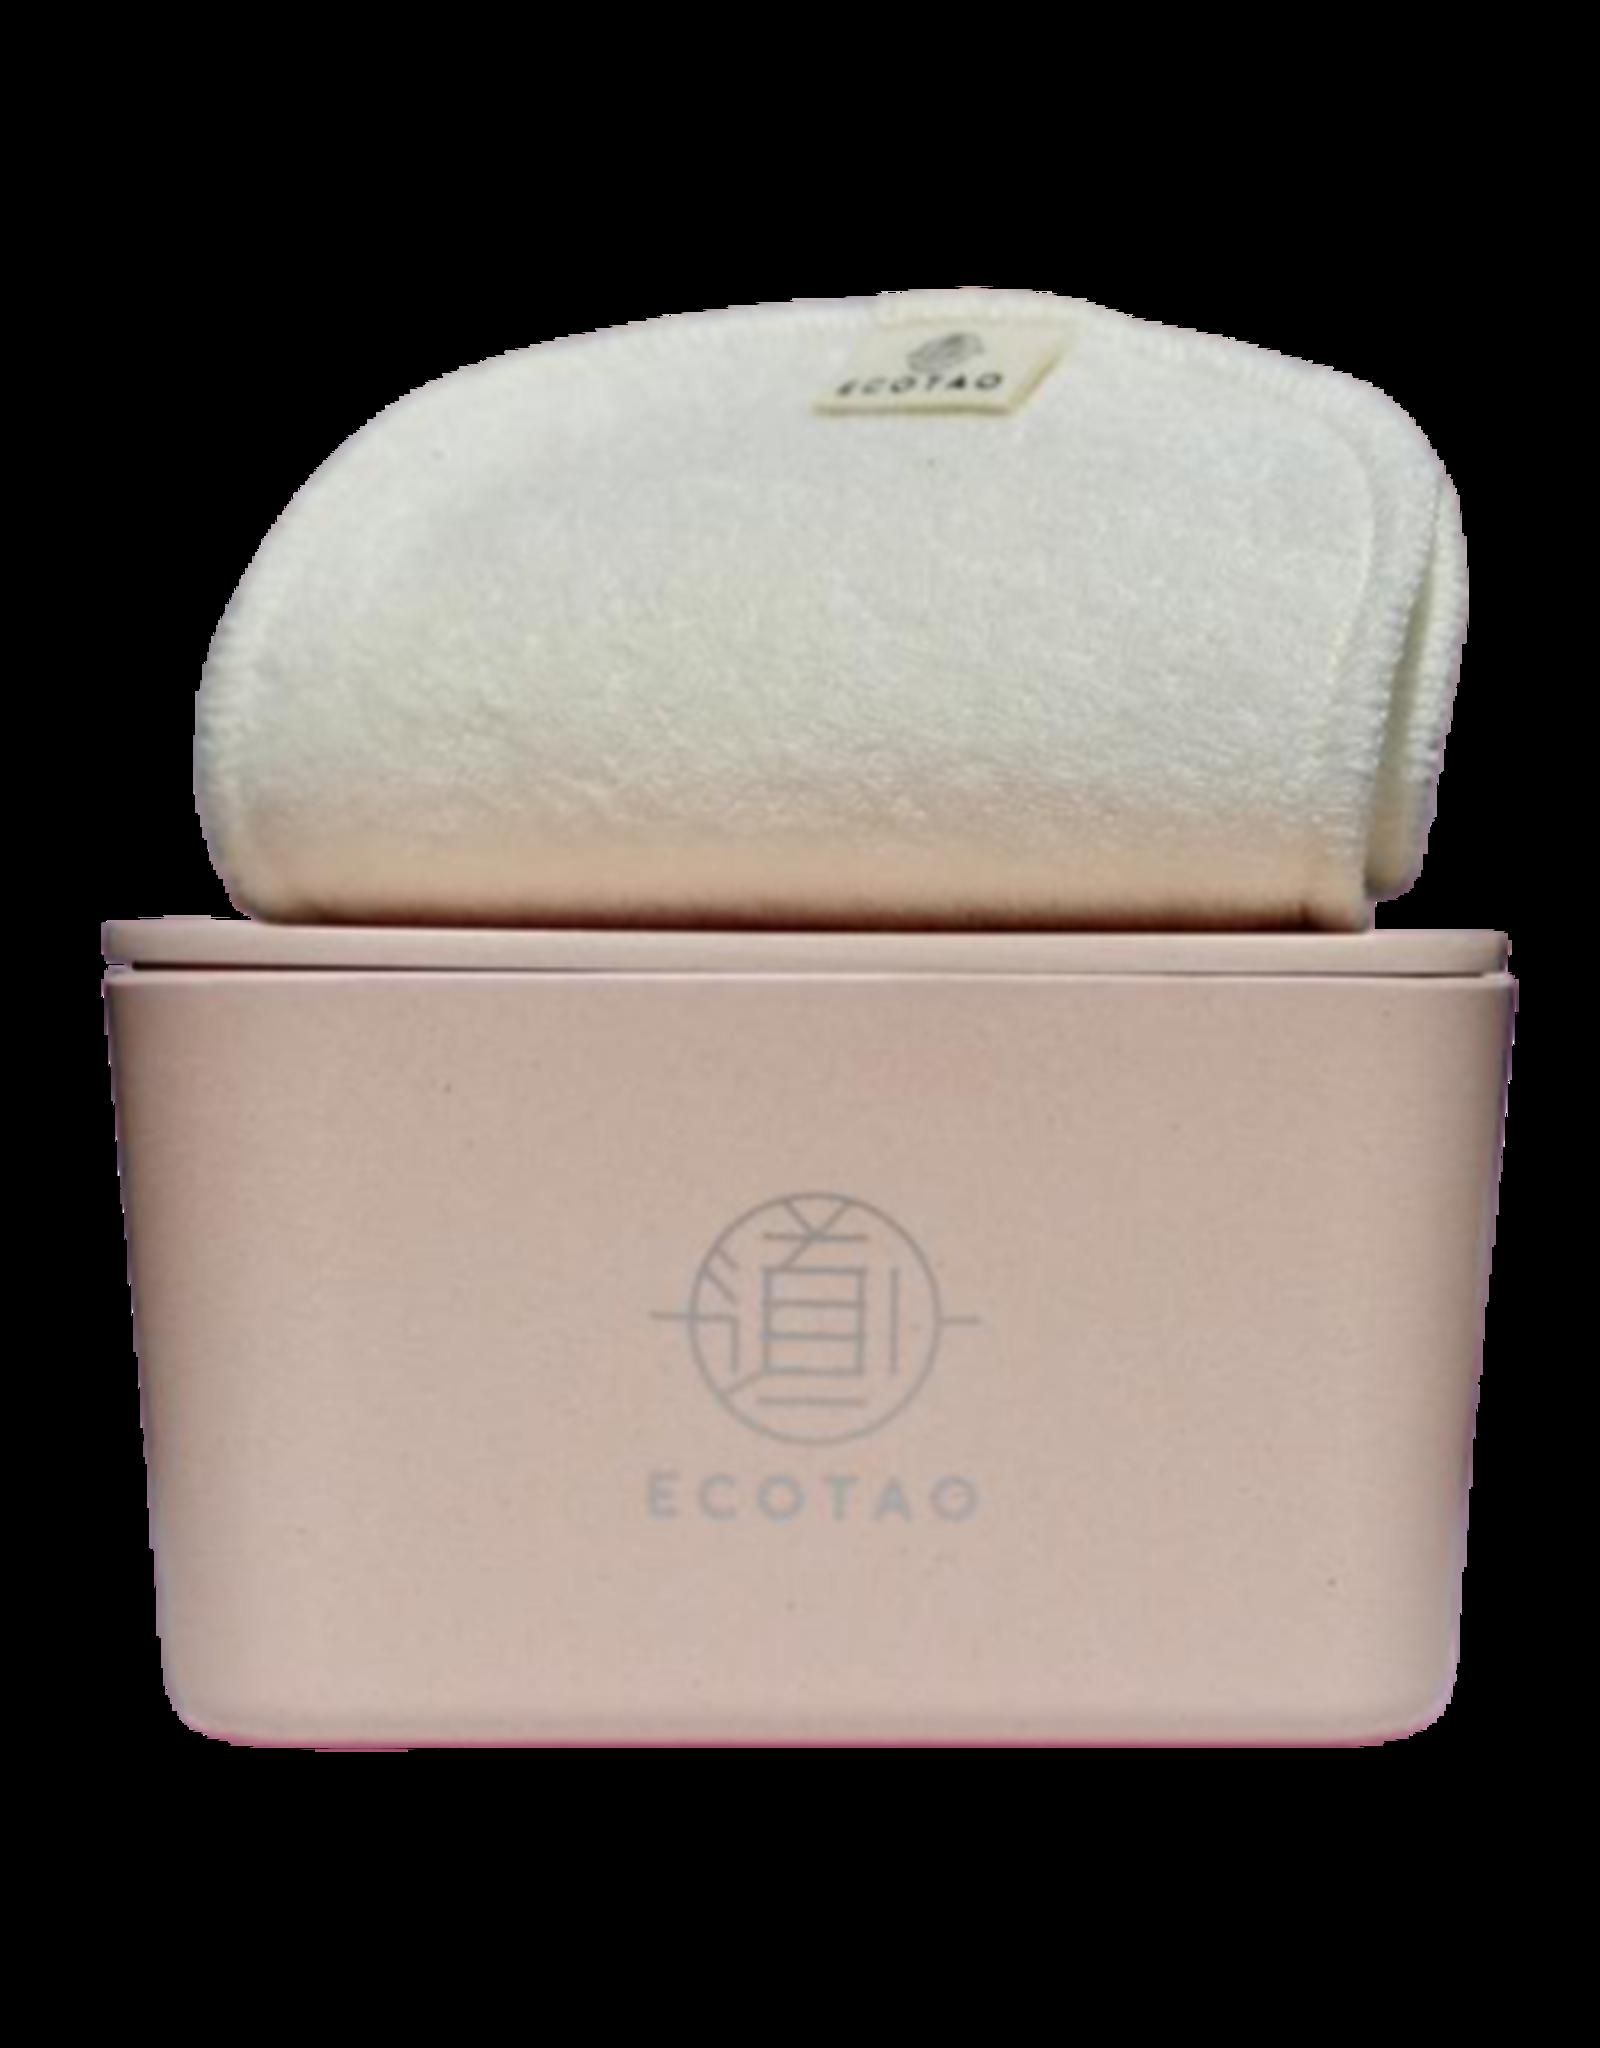 EcoTao Coffret ROSE - Édition limitée - 7 lingettes